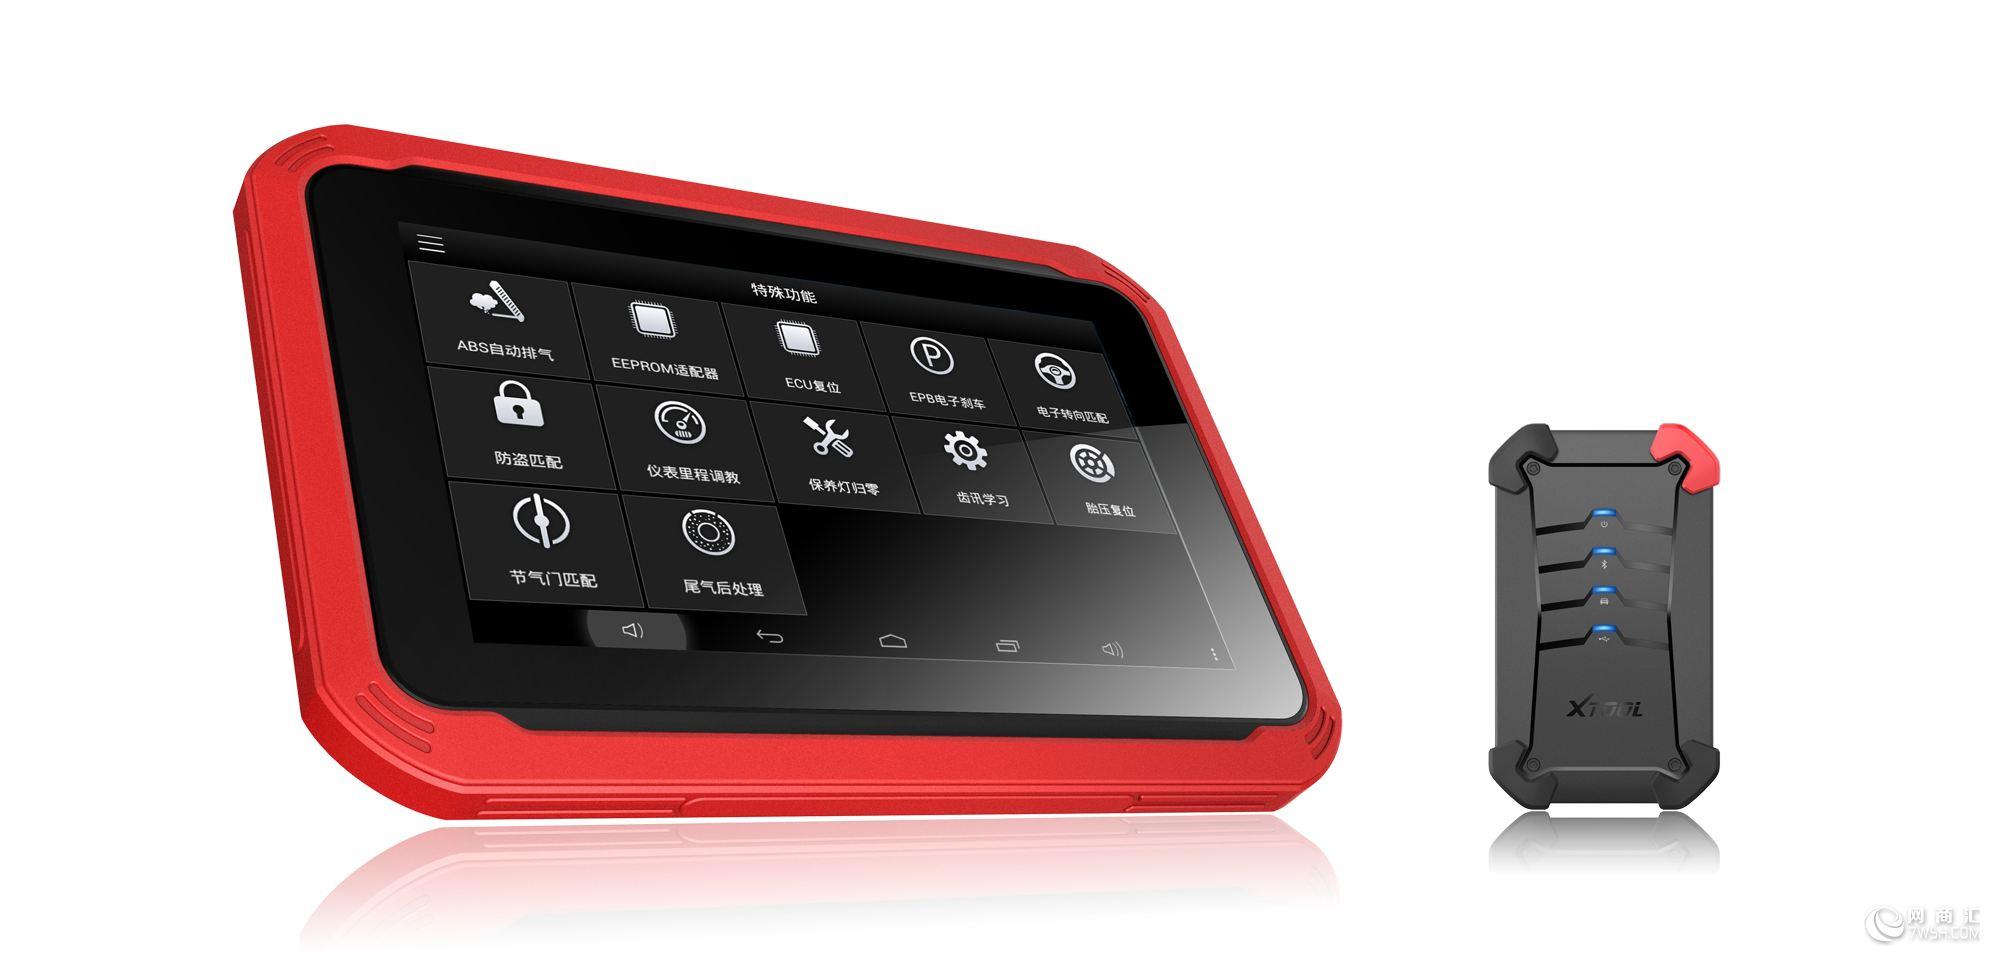 PS60汽车智能数码王 产品介绍: PS60是基于安卓平台打造的一款平板式智能数码王,极速操作、车型全面、功能强大,传承了朗仁公司在汽车特殊功能多、精、专的诸多优点,是行业内其它设备无法比拟的。 产品特点: 诊断:诊断程序通过VCI与车辆电控系统建立数据连接,可读取诊断信息,查看数据流参数,并执行动作测试,诊断功能达到原厂级。 诊断报告:所有诊断报告及诊断过程中产生的数据均可在此模块查看并可清晰知道用户的测试记录,方便快捷。 维修资料:提供内部多年积累的汽车维修资料,包含汽车技术手册、维修案例、电路图、常